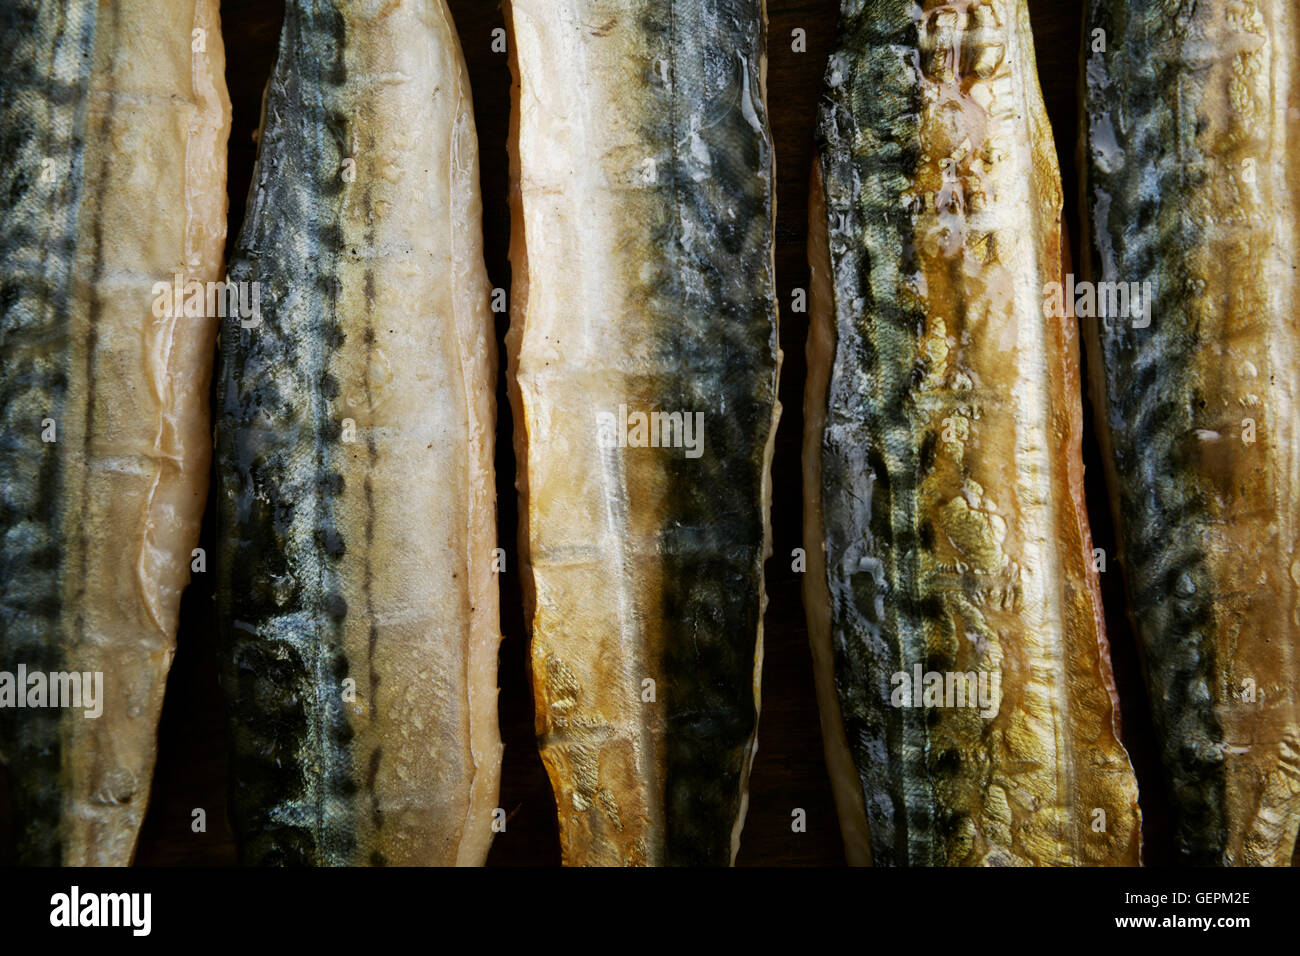 Filets de poisson fumé disposés dans une rangée. Photo Stock